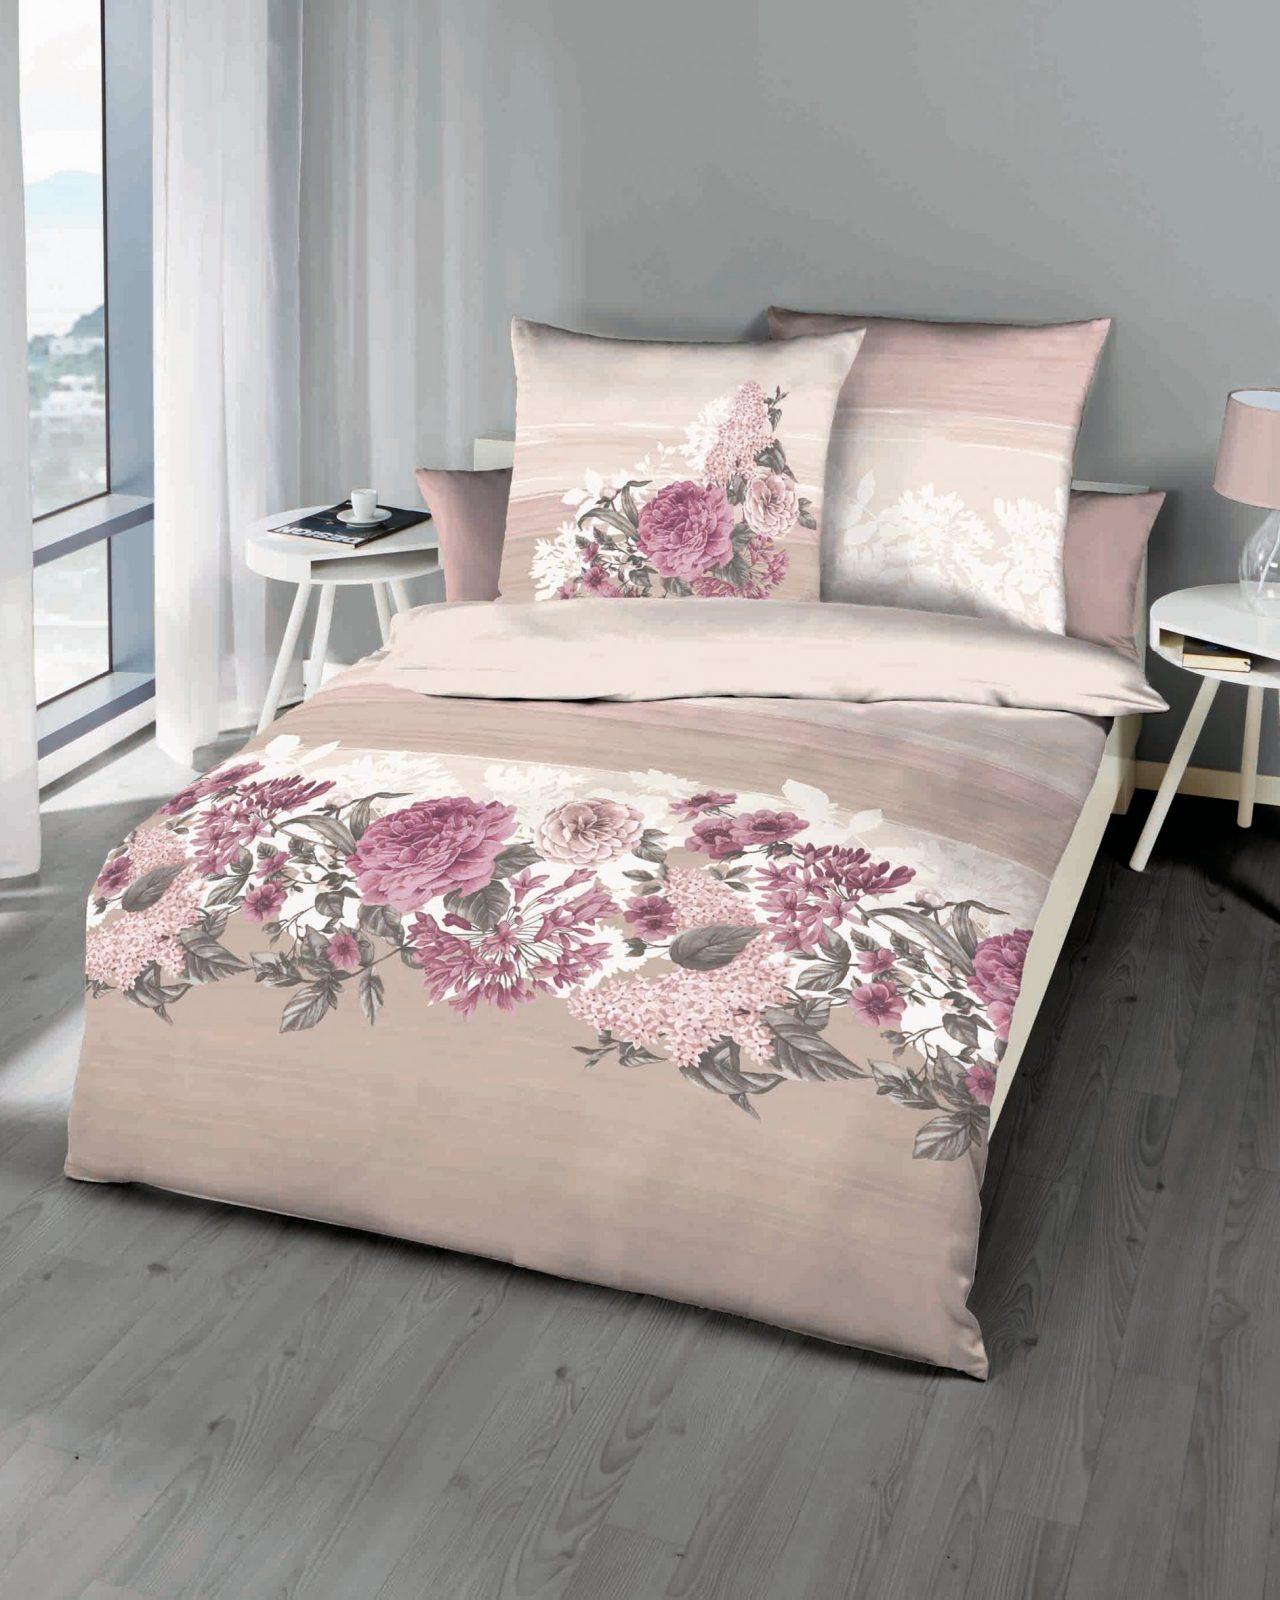 Mako Satin Bettwäsche Blumen Motiv 841 Creme Günstig Auf Rechnung von Bettwäsche 155X220 Mako Satin Reduziert Bild